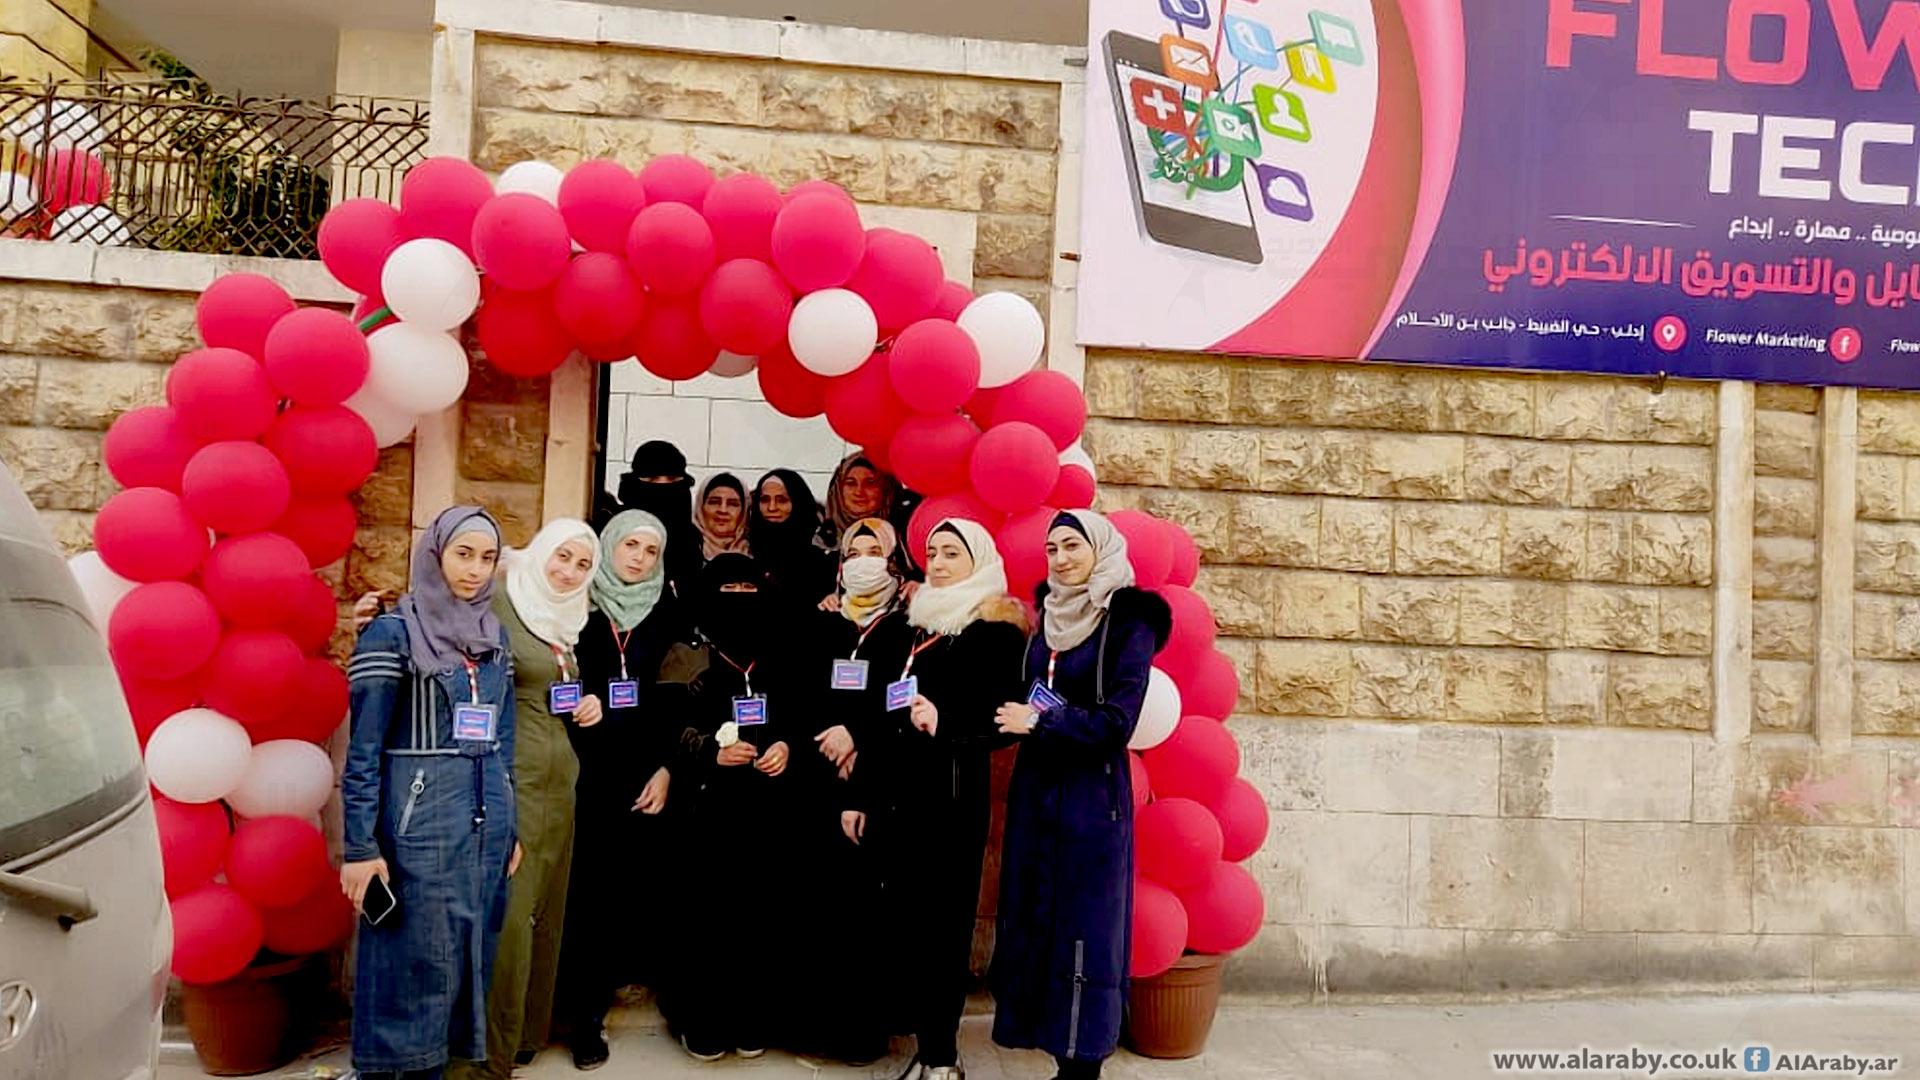 الهدف تمكينهن اقتصاديًا (العربي الجديد)